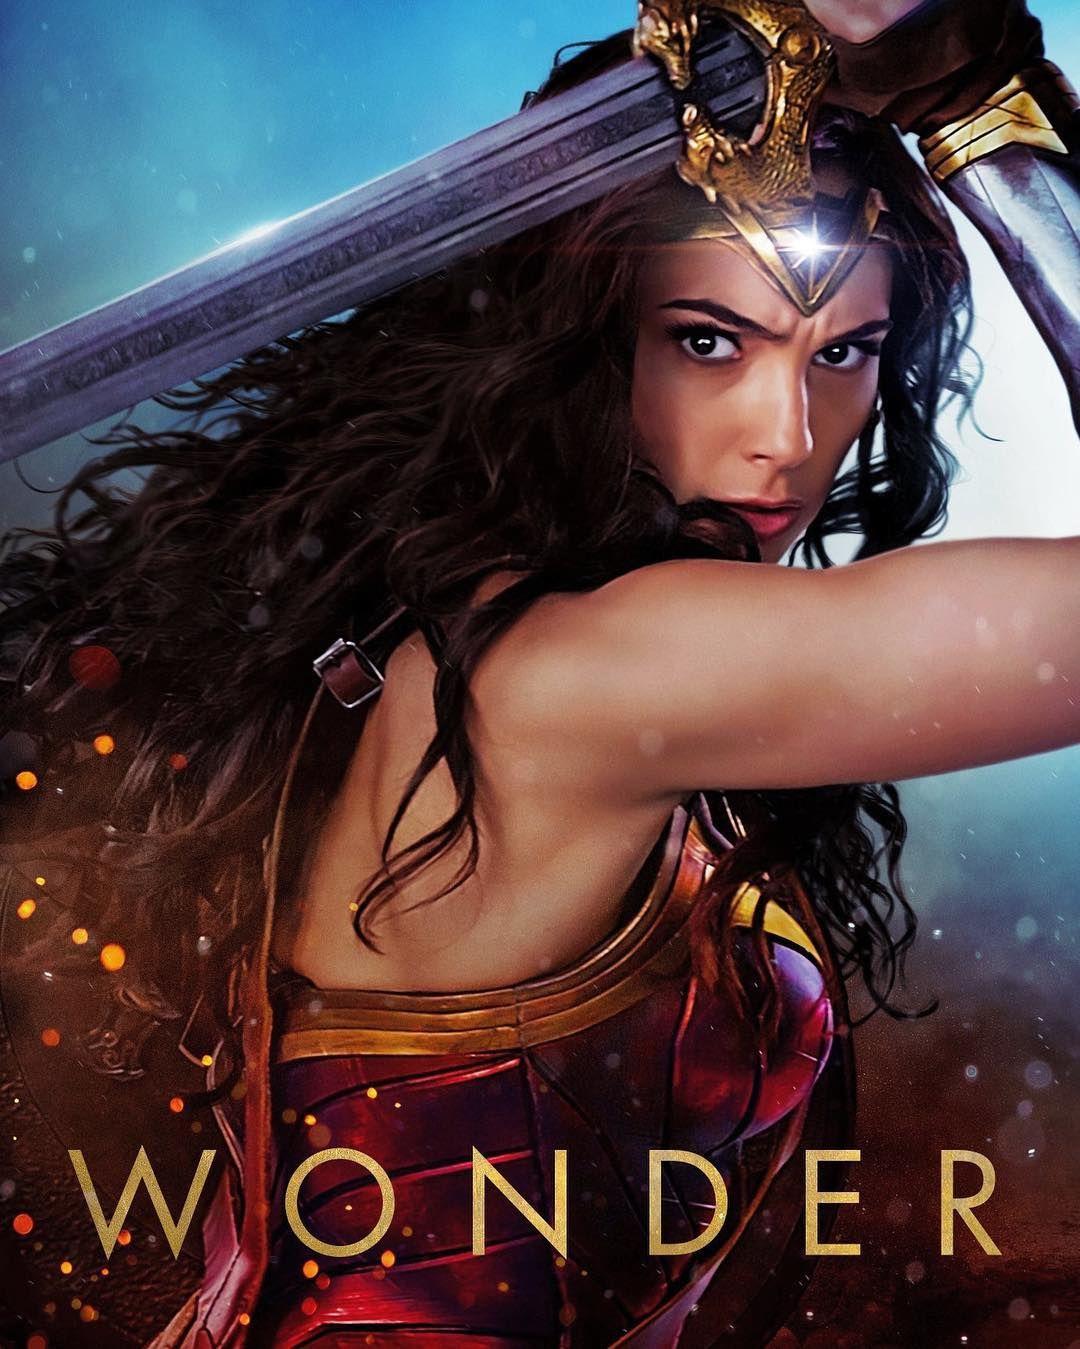 Mulher Maravilha Em Ingles Wonder Woman E Uma Personagem